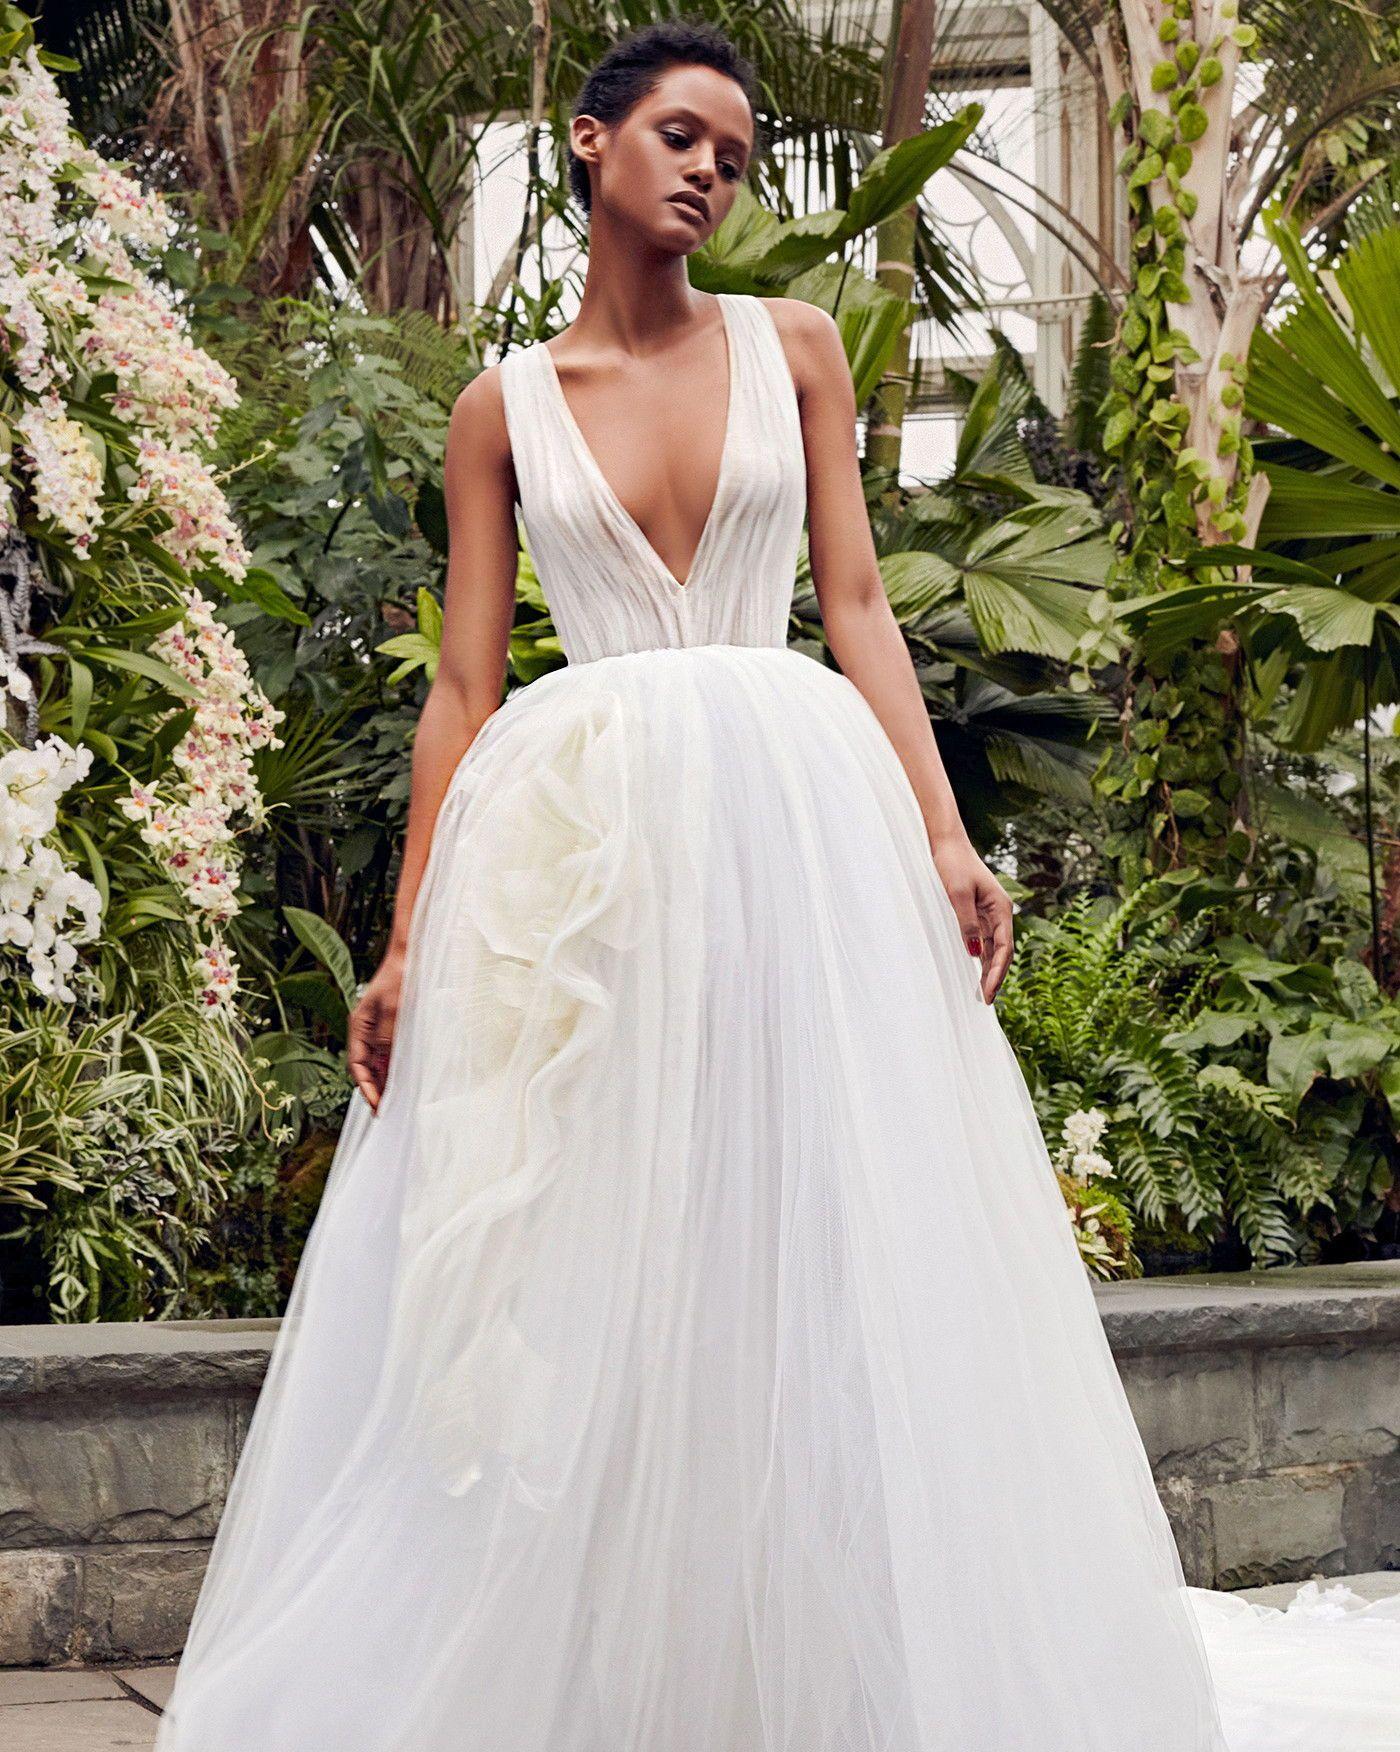 vera wang spring 2020 wedding dress collection | vera wang